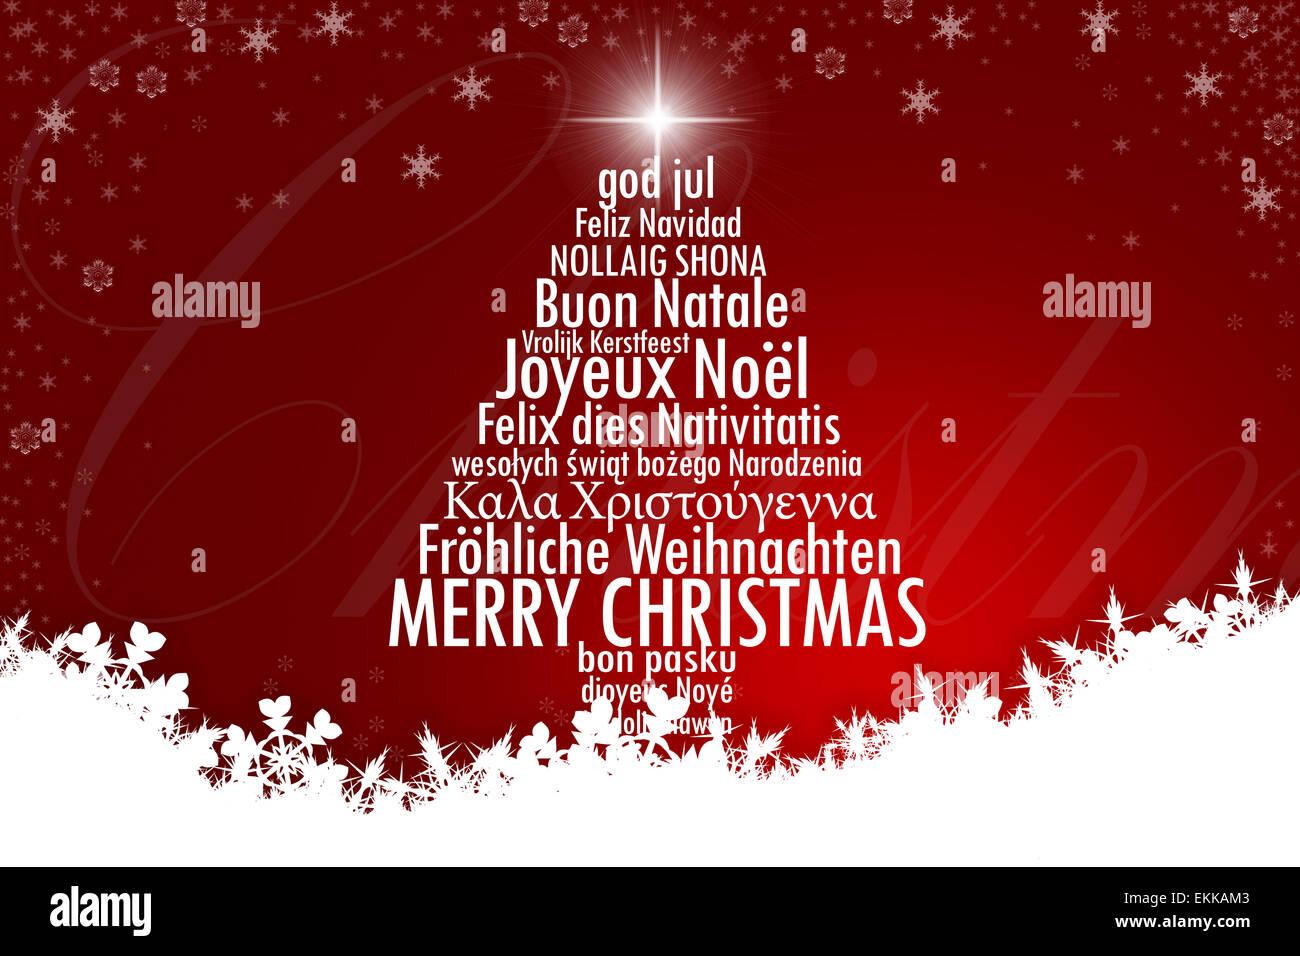 Stern Frohe Weihnachten.Ein Weihnachtsbaum Mit Frohe Weihnachten In Vielen Sprachen